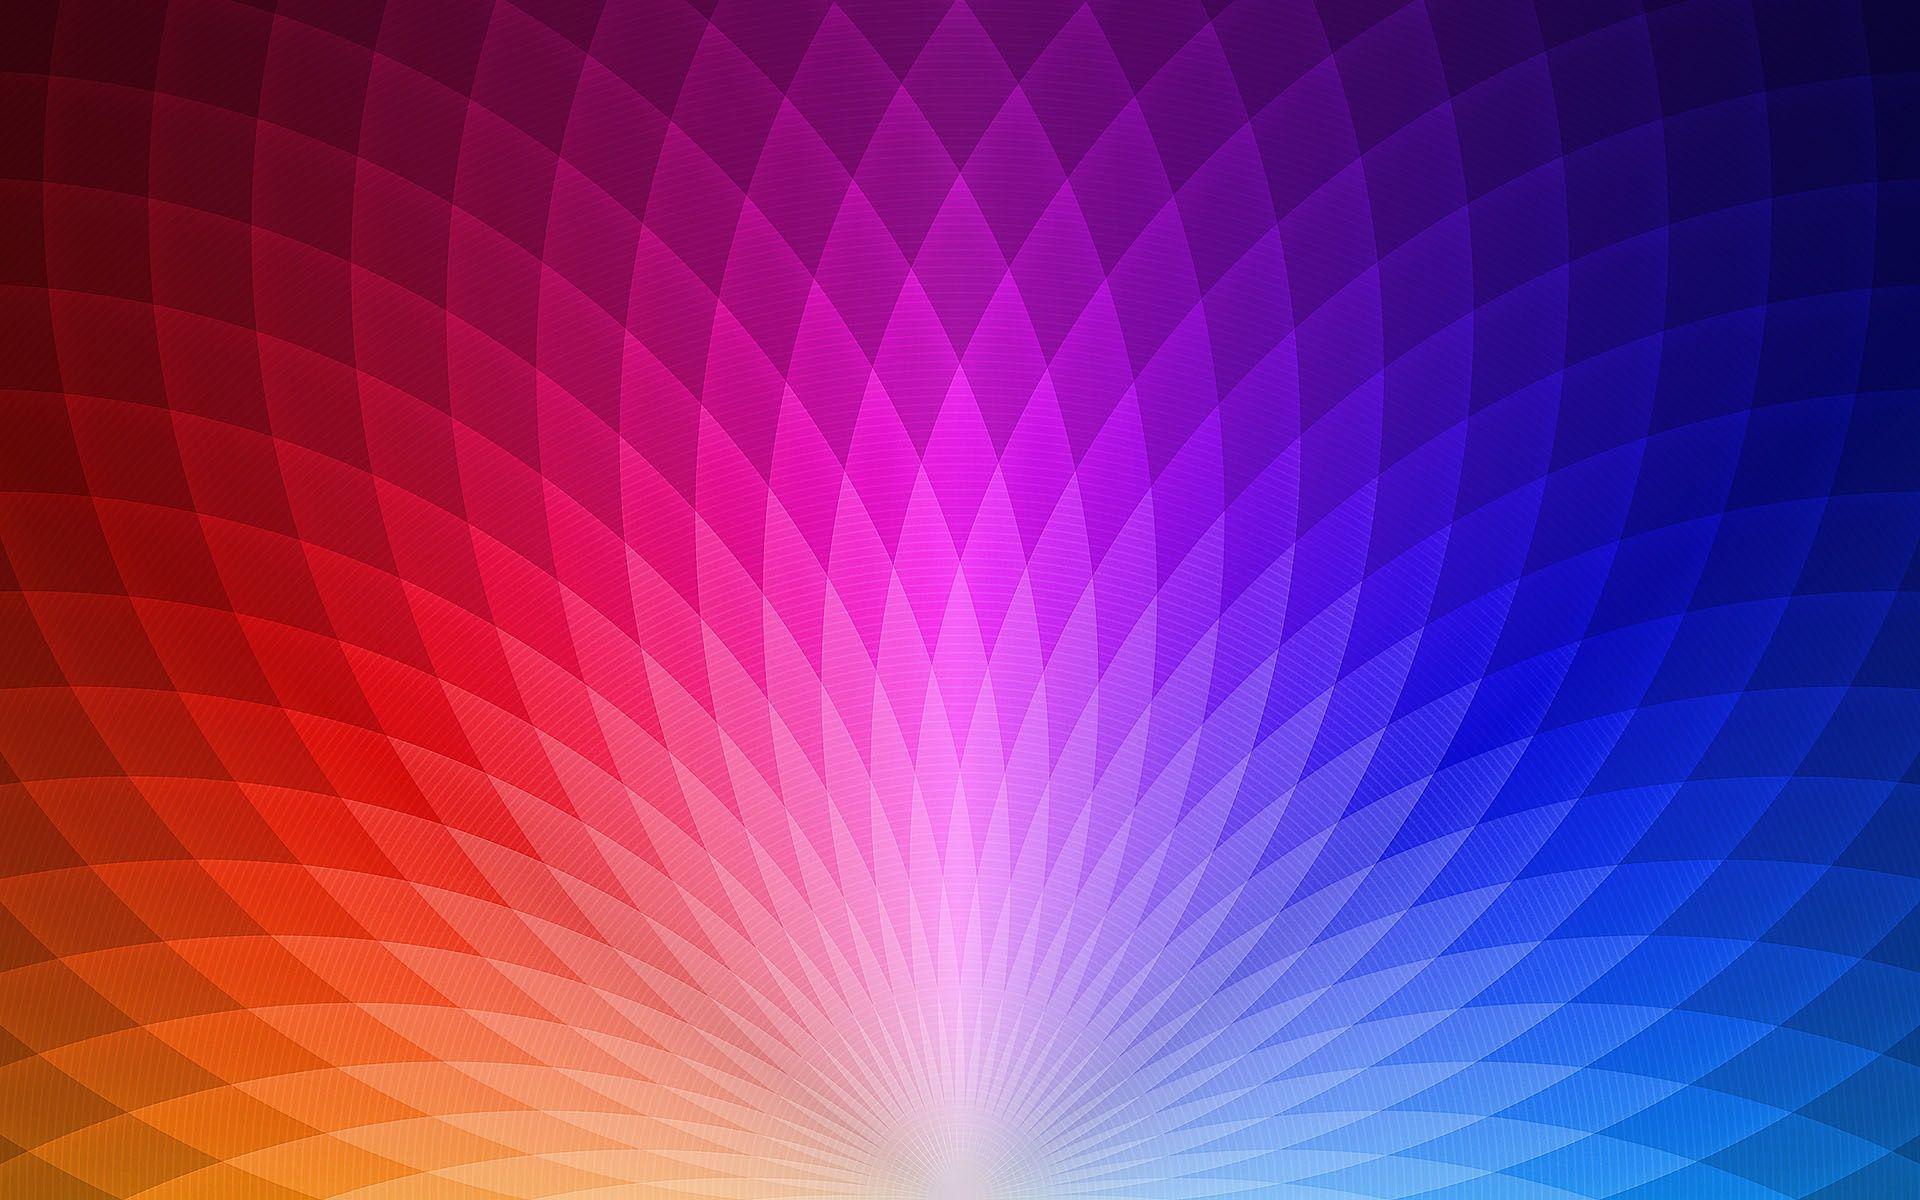 Geometric wallpaper | 1920x1200 | #44402